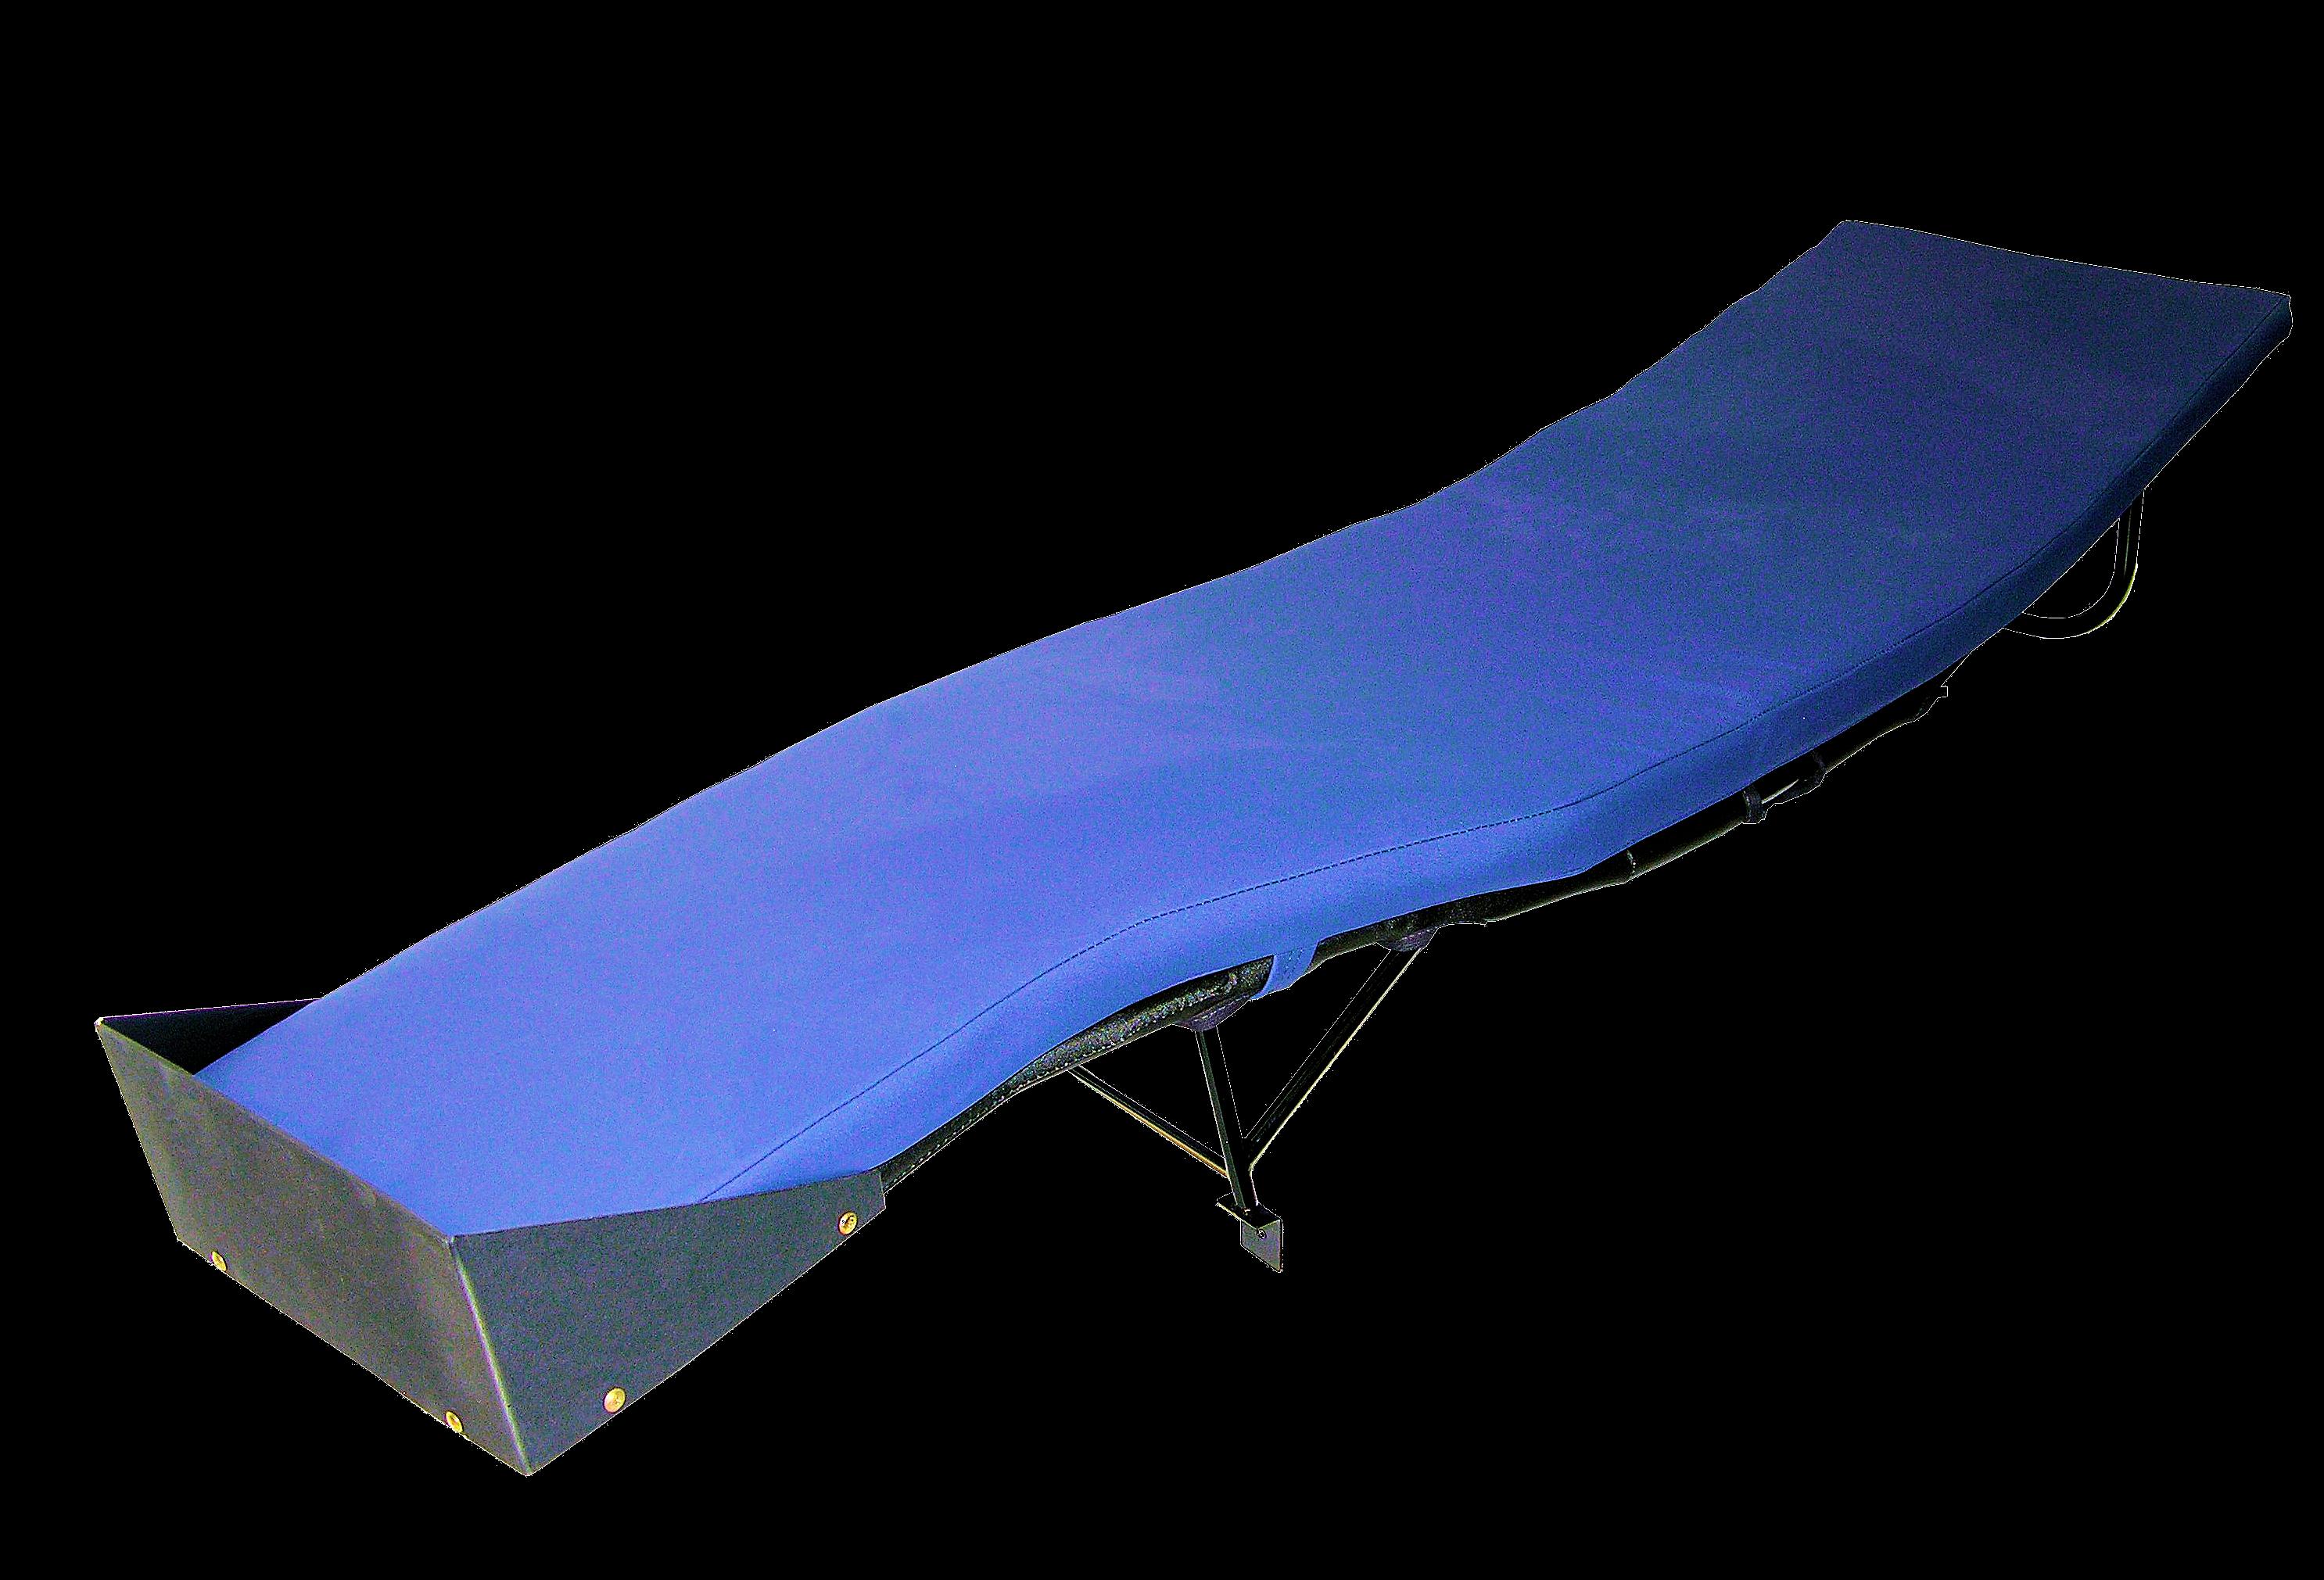 Piper Portable Stretcher